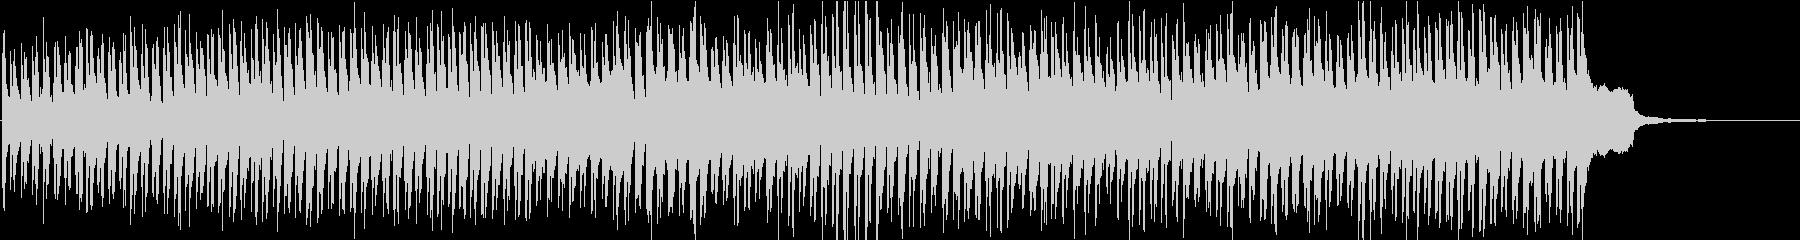 ハーディーガーディーの古楽器ファンタジーの未再生の波形